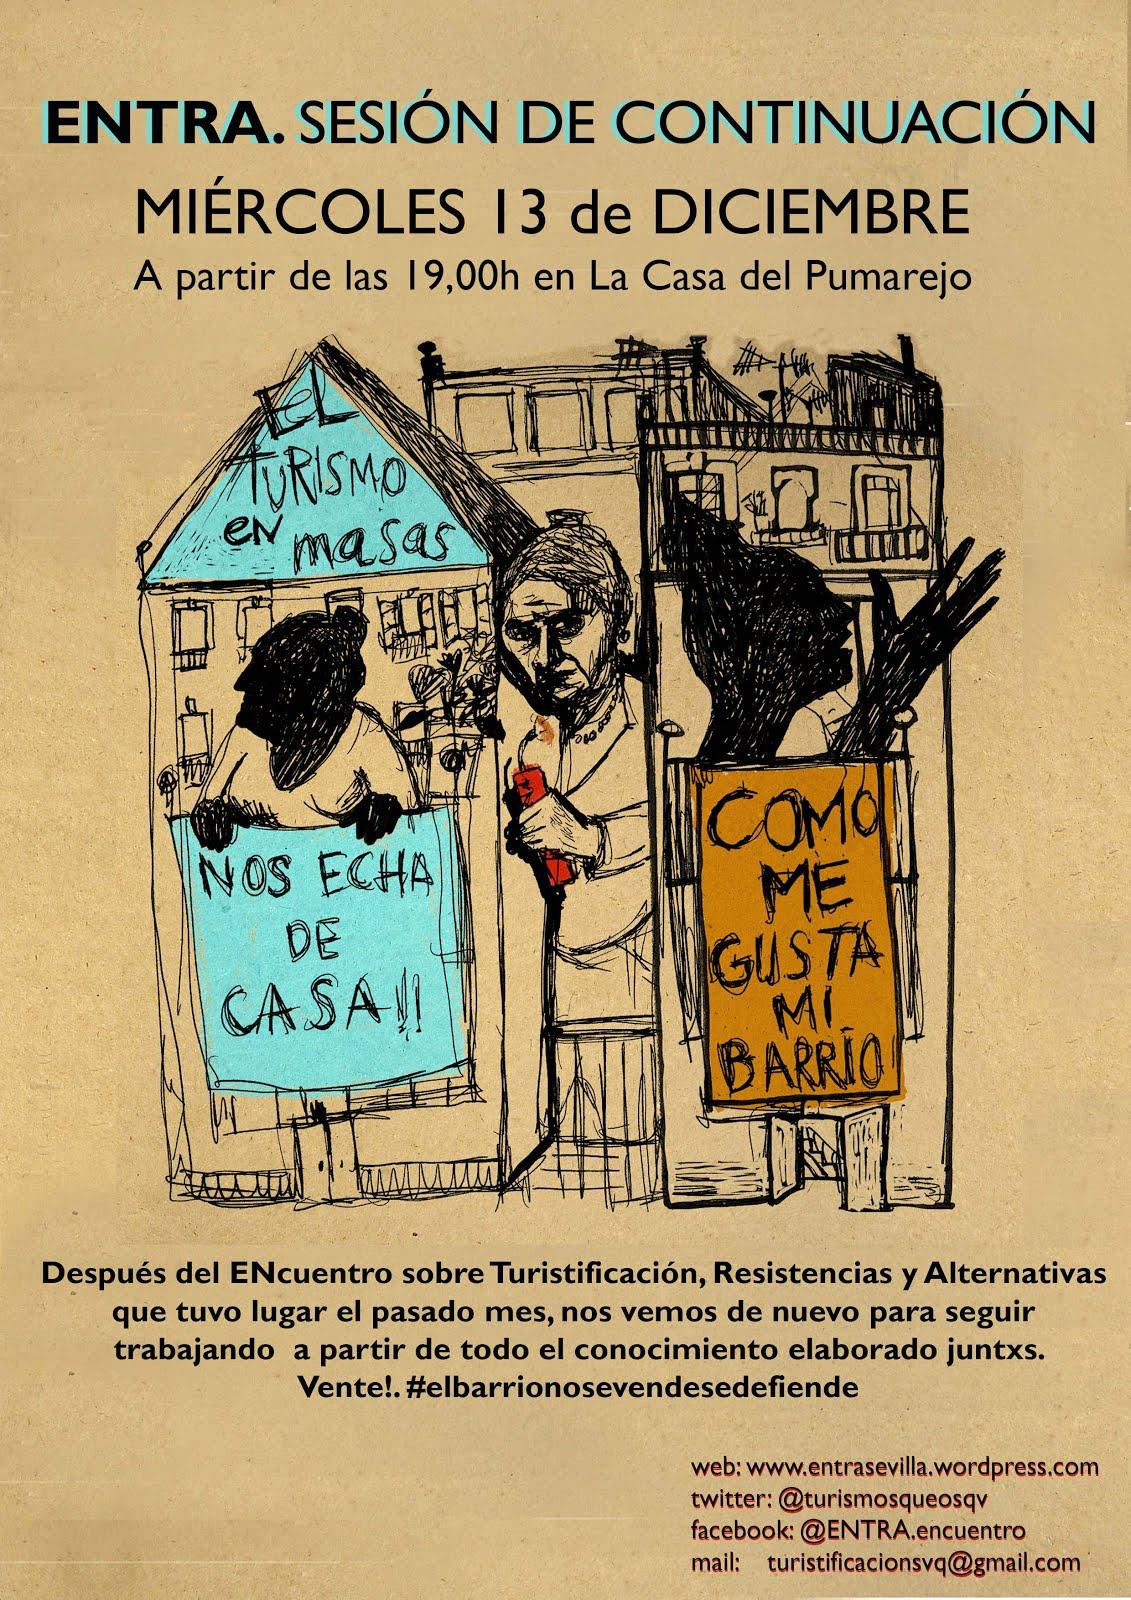 Sevilla. ENTRA. SESIÓN DE CONTINUACIÓN.